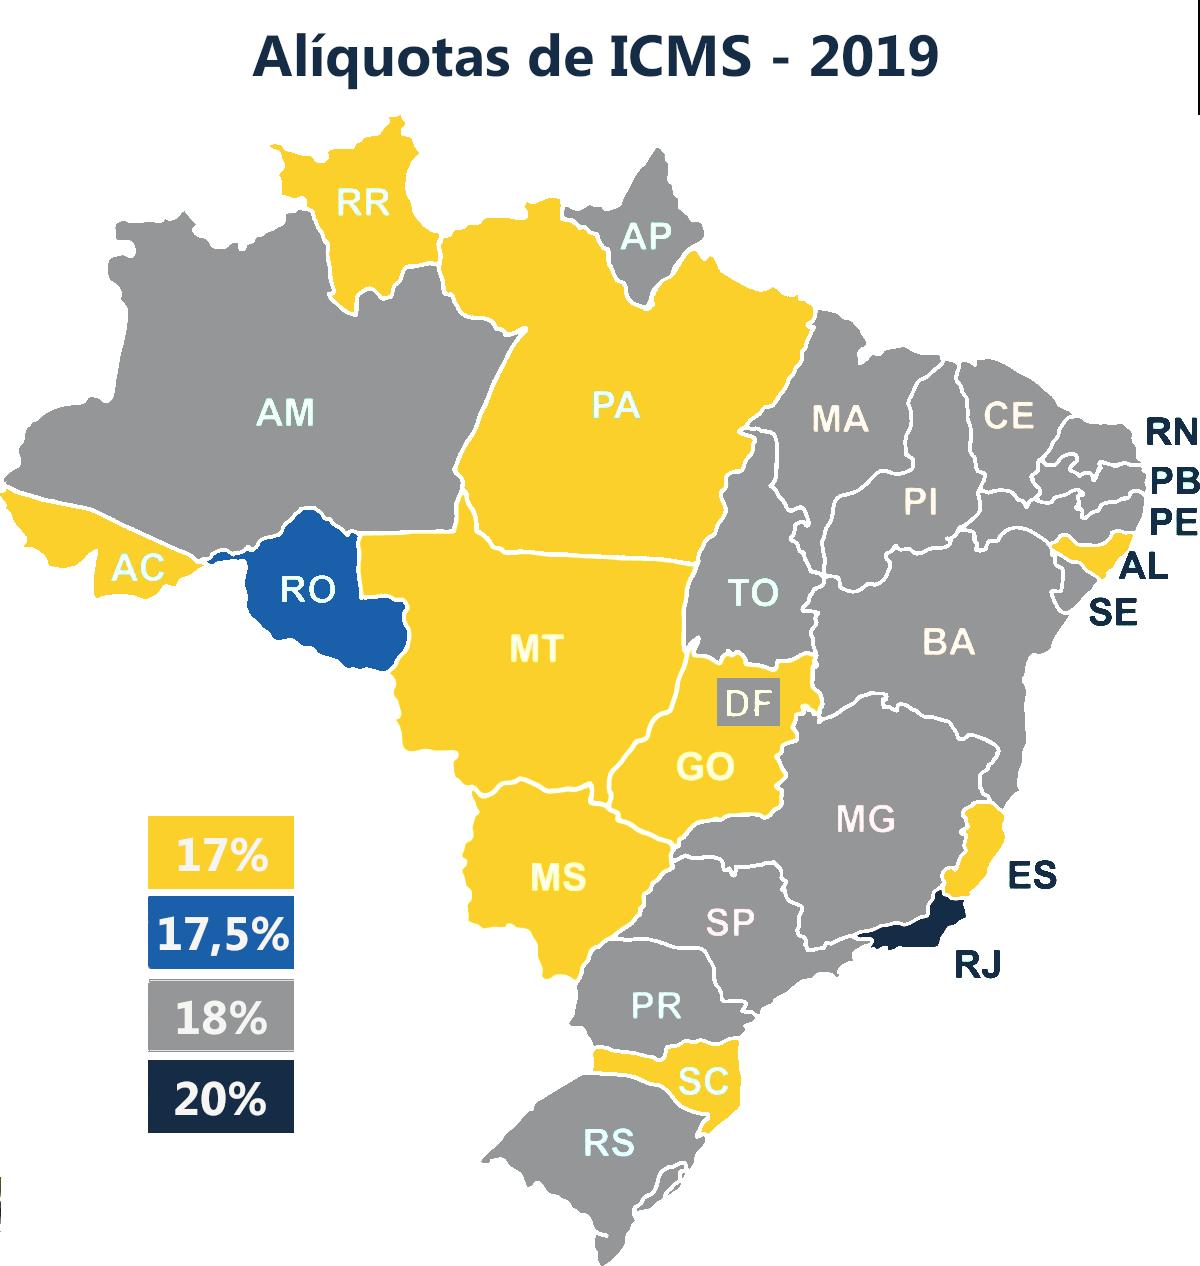 Alíquotas de ICMS